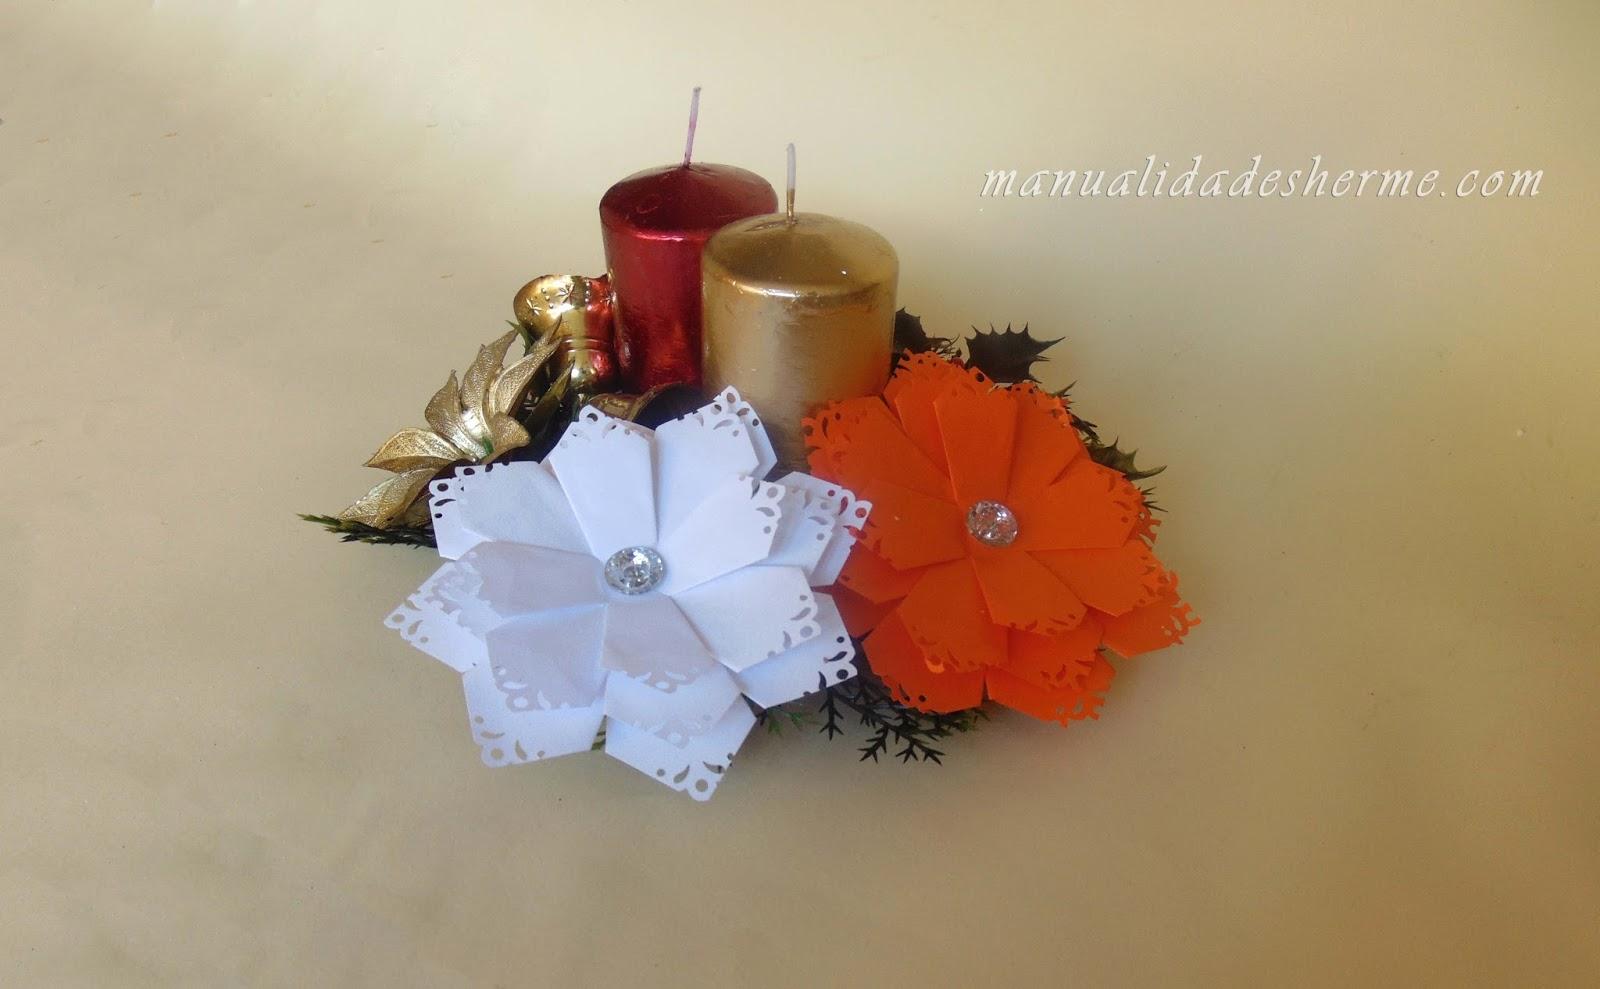 Manualidades herme como hacer flores para navidad - Manualidades navidenas paso a paso ...